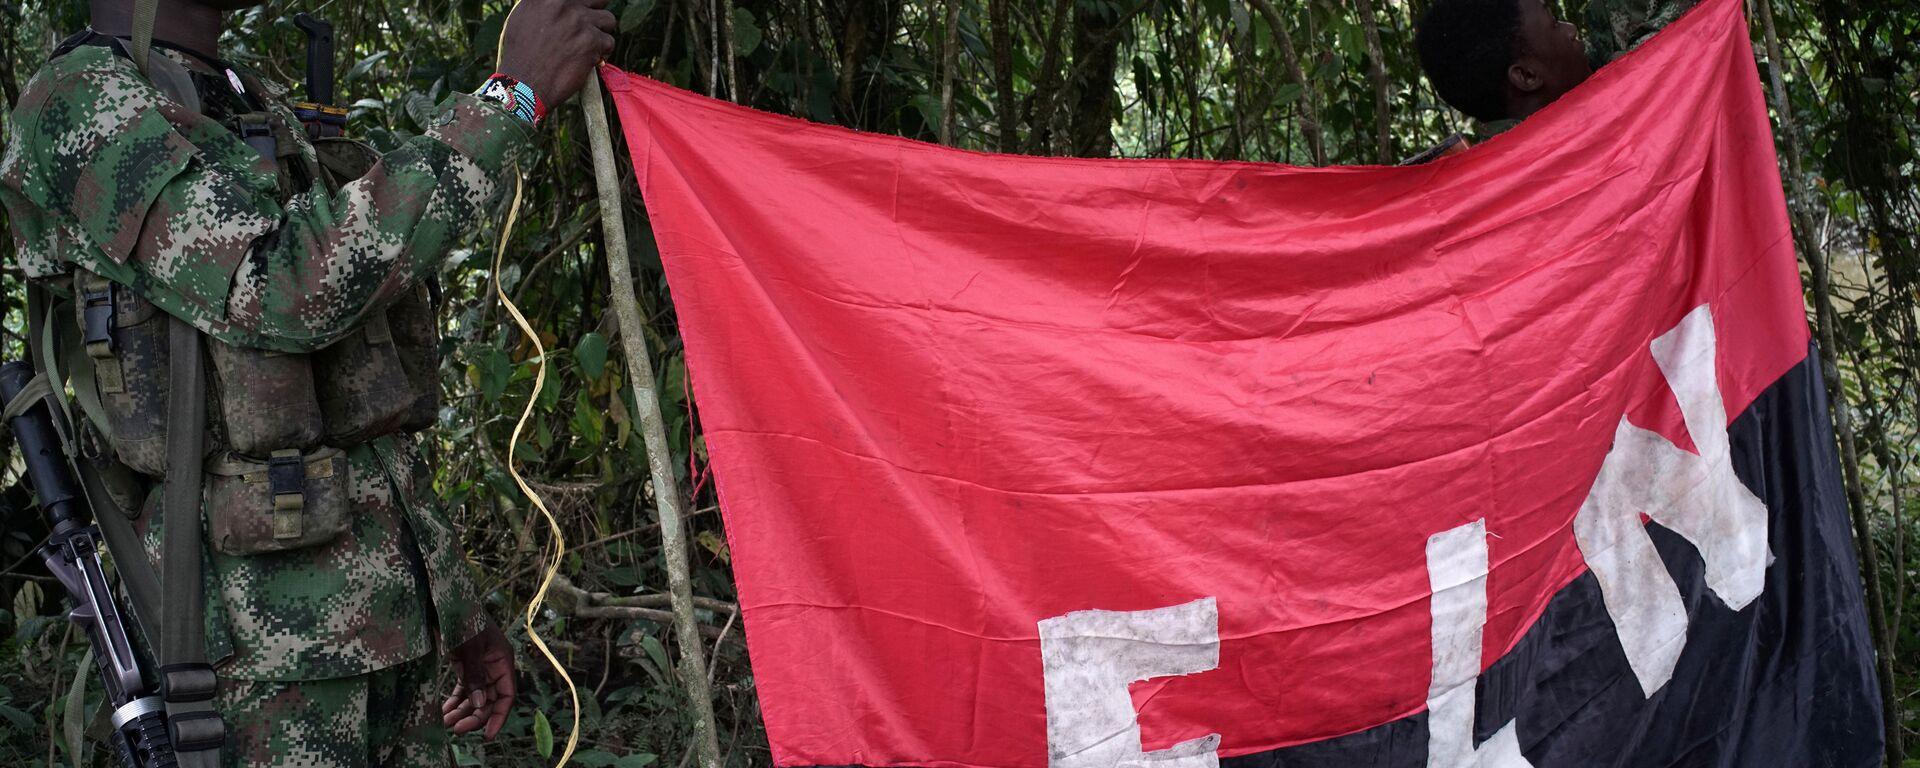 Los rebeldes del Ejército de Liberación Nacional (ELN) sostienen un estandarte en las selvas del noroeste de Colombia - Sputnik Mundo, 1920, 16.09.2021